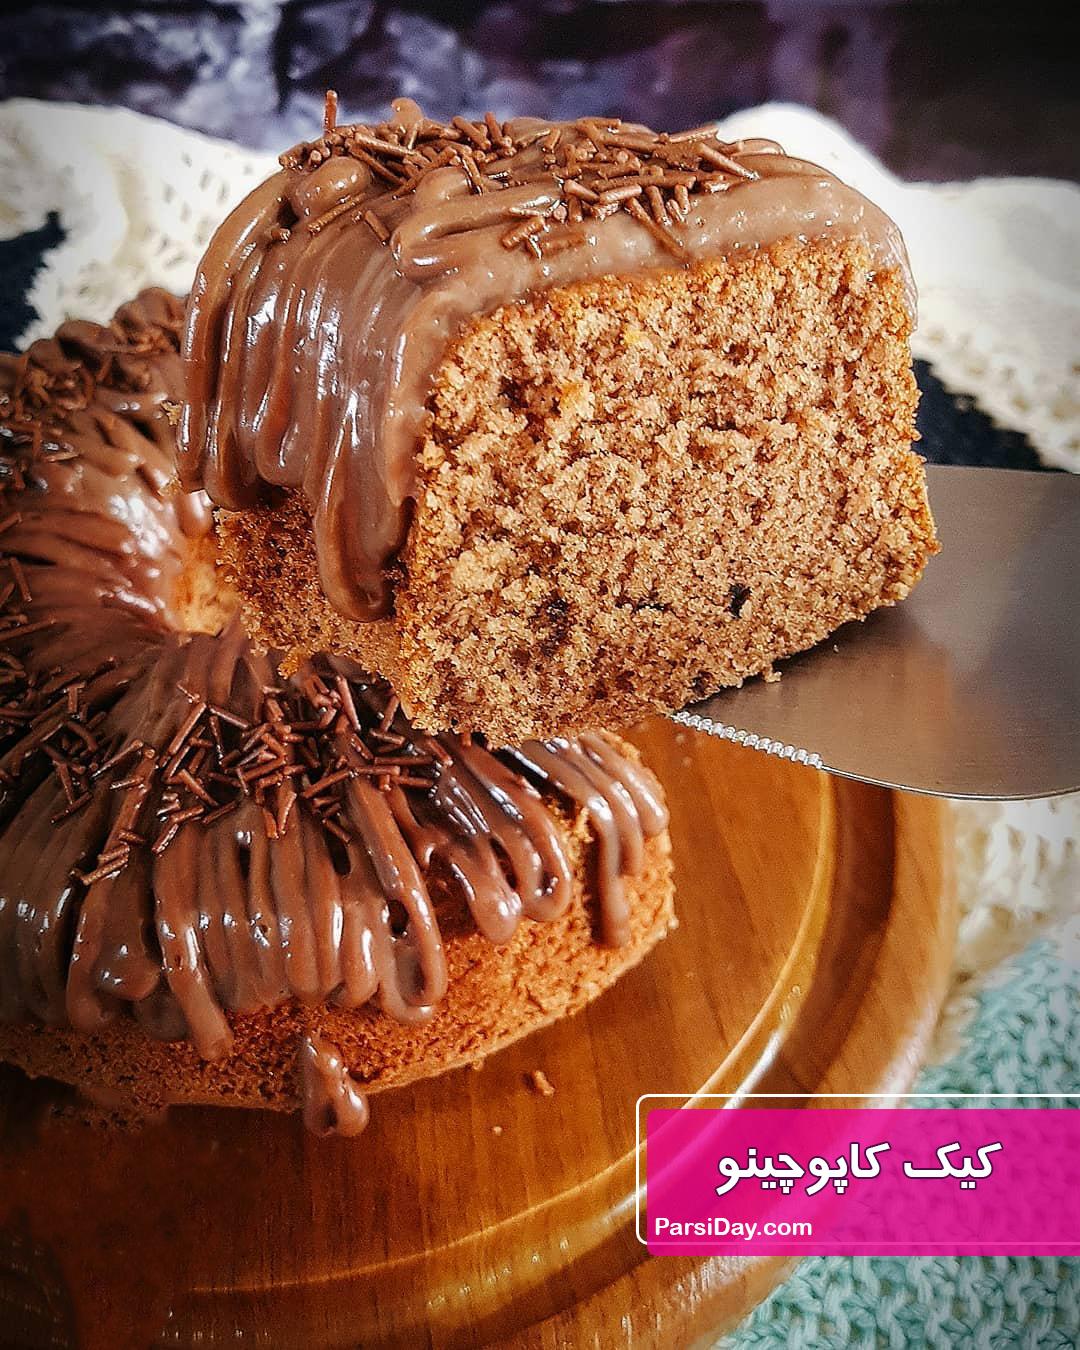 طرز تهیه کیک کاپوچینو شکلاتی خوشمزه و ساده مرحله به مرحله